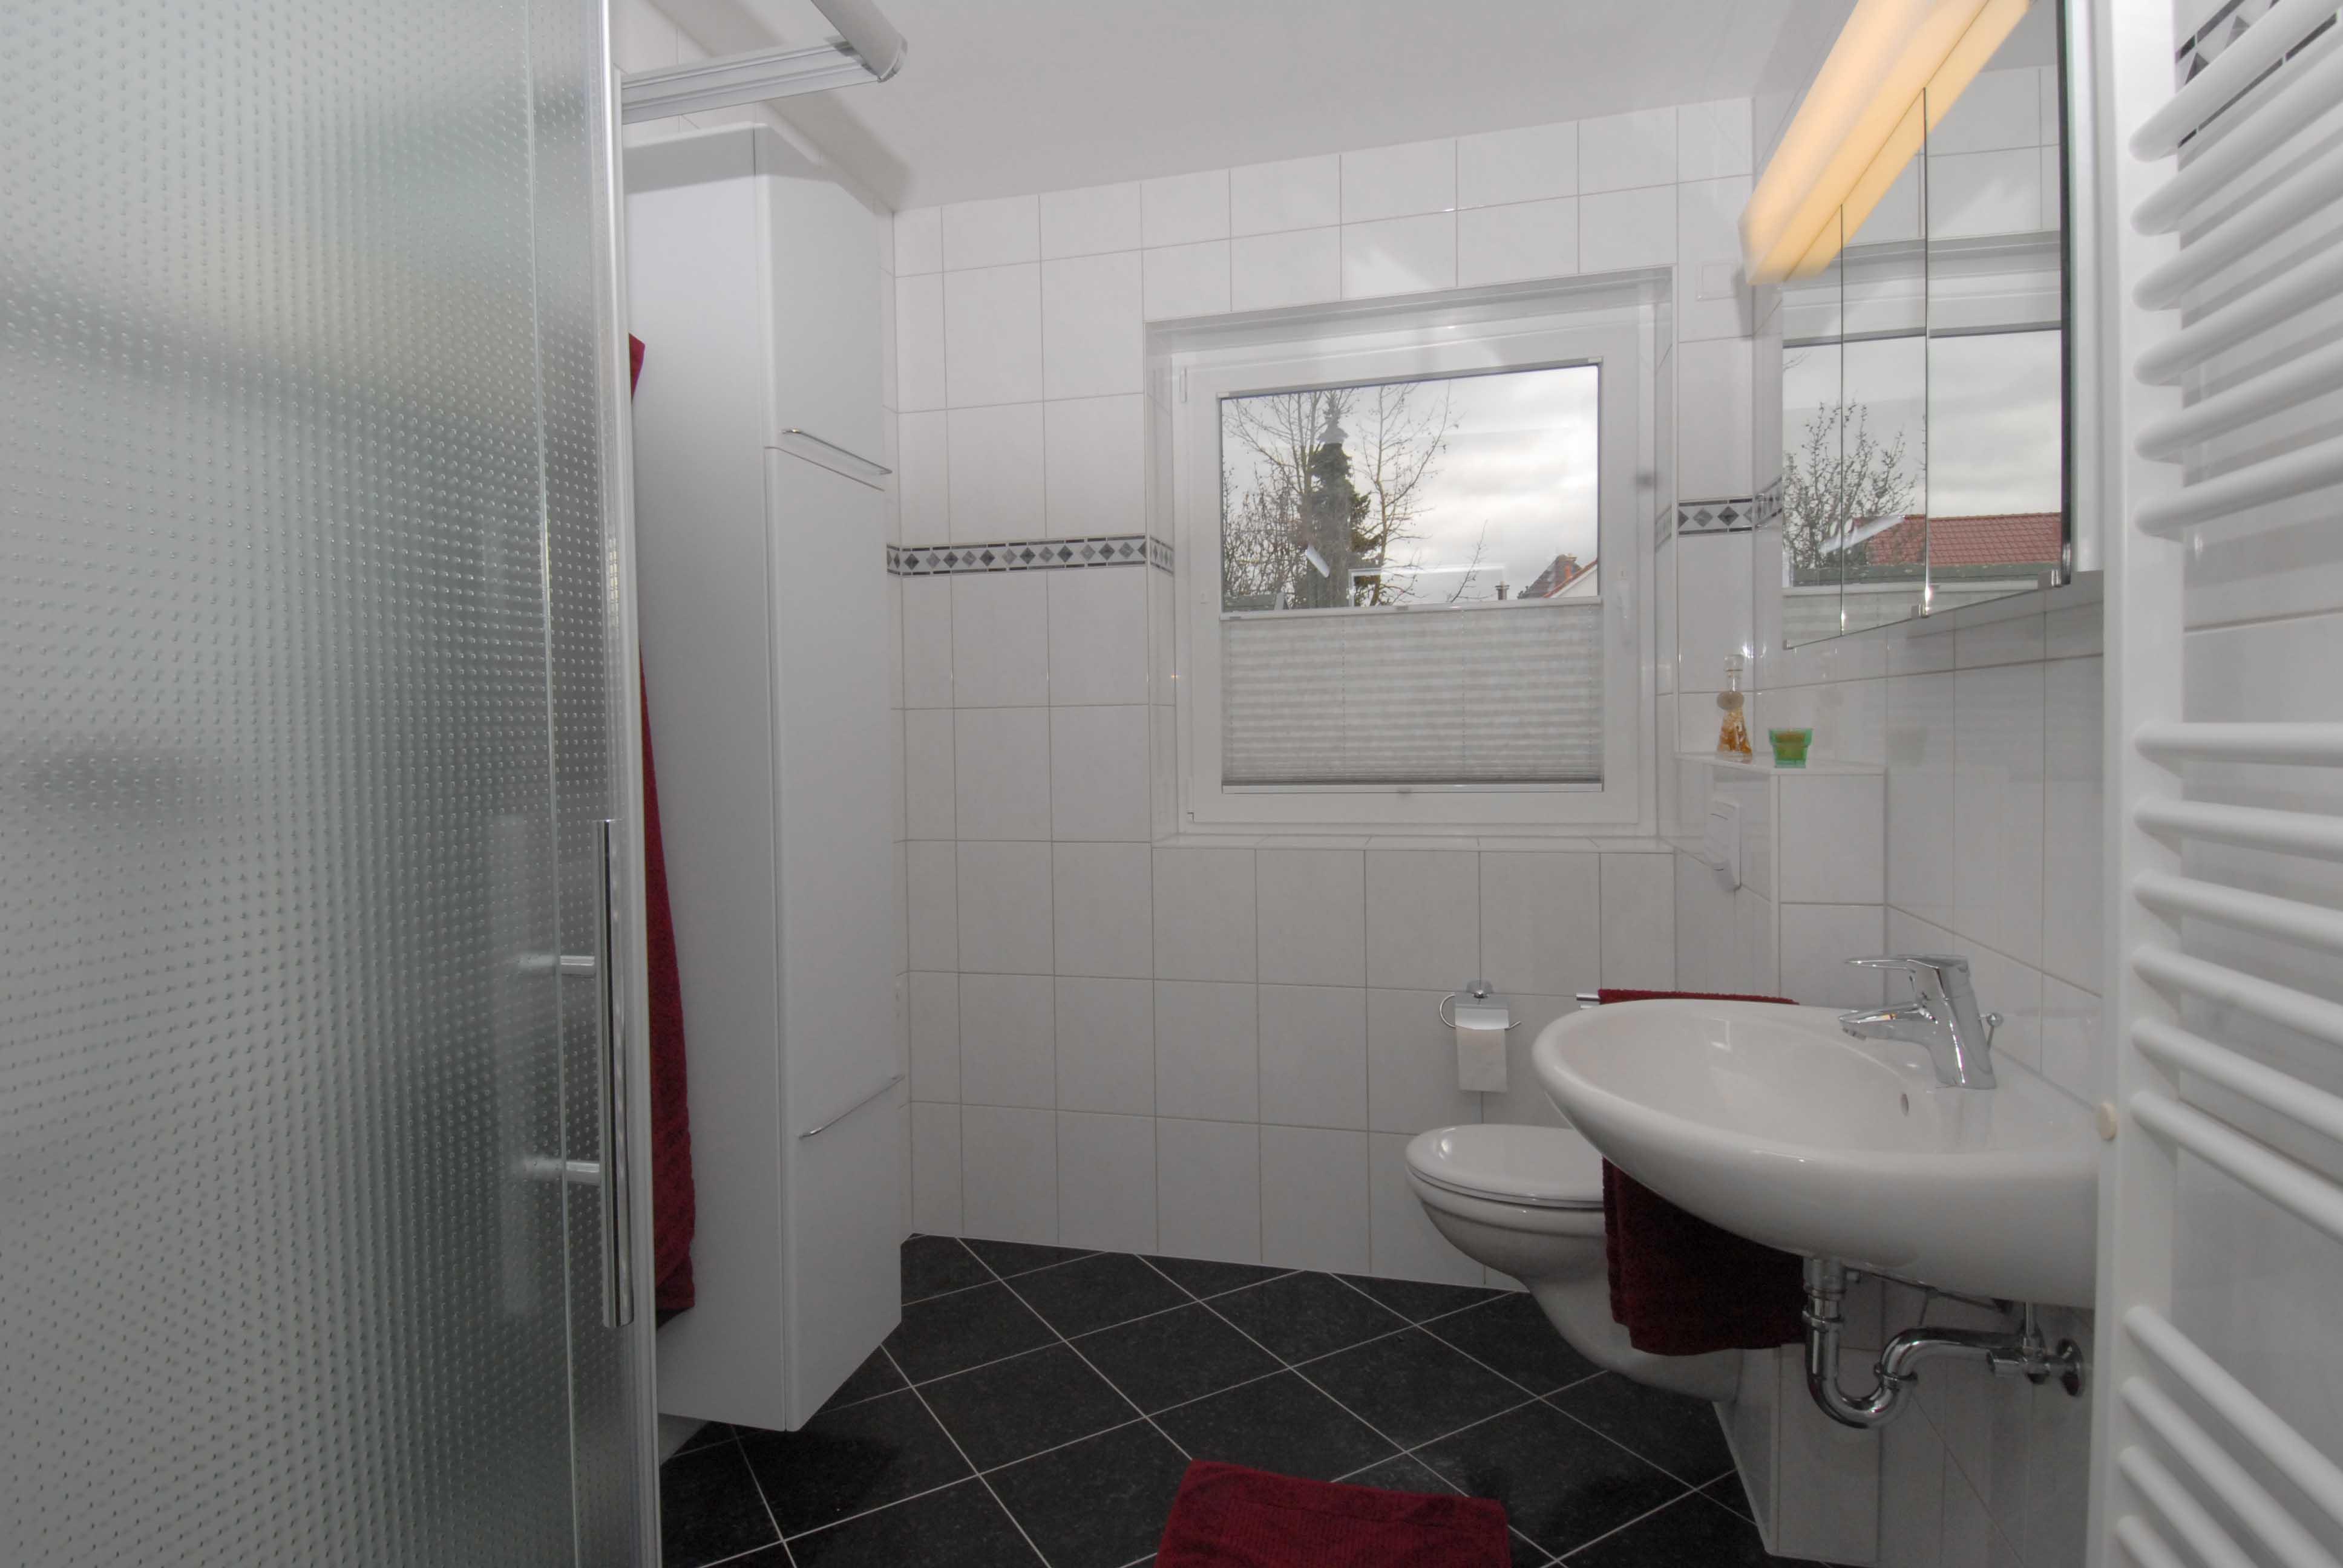 pape - ferienwohnung, (steinfurt). ferienwohnung, 50 qm, 1-2 personen,, Badezimmer ideen